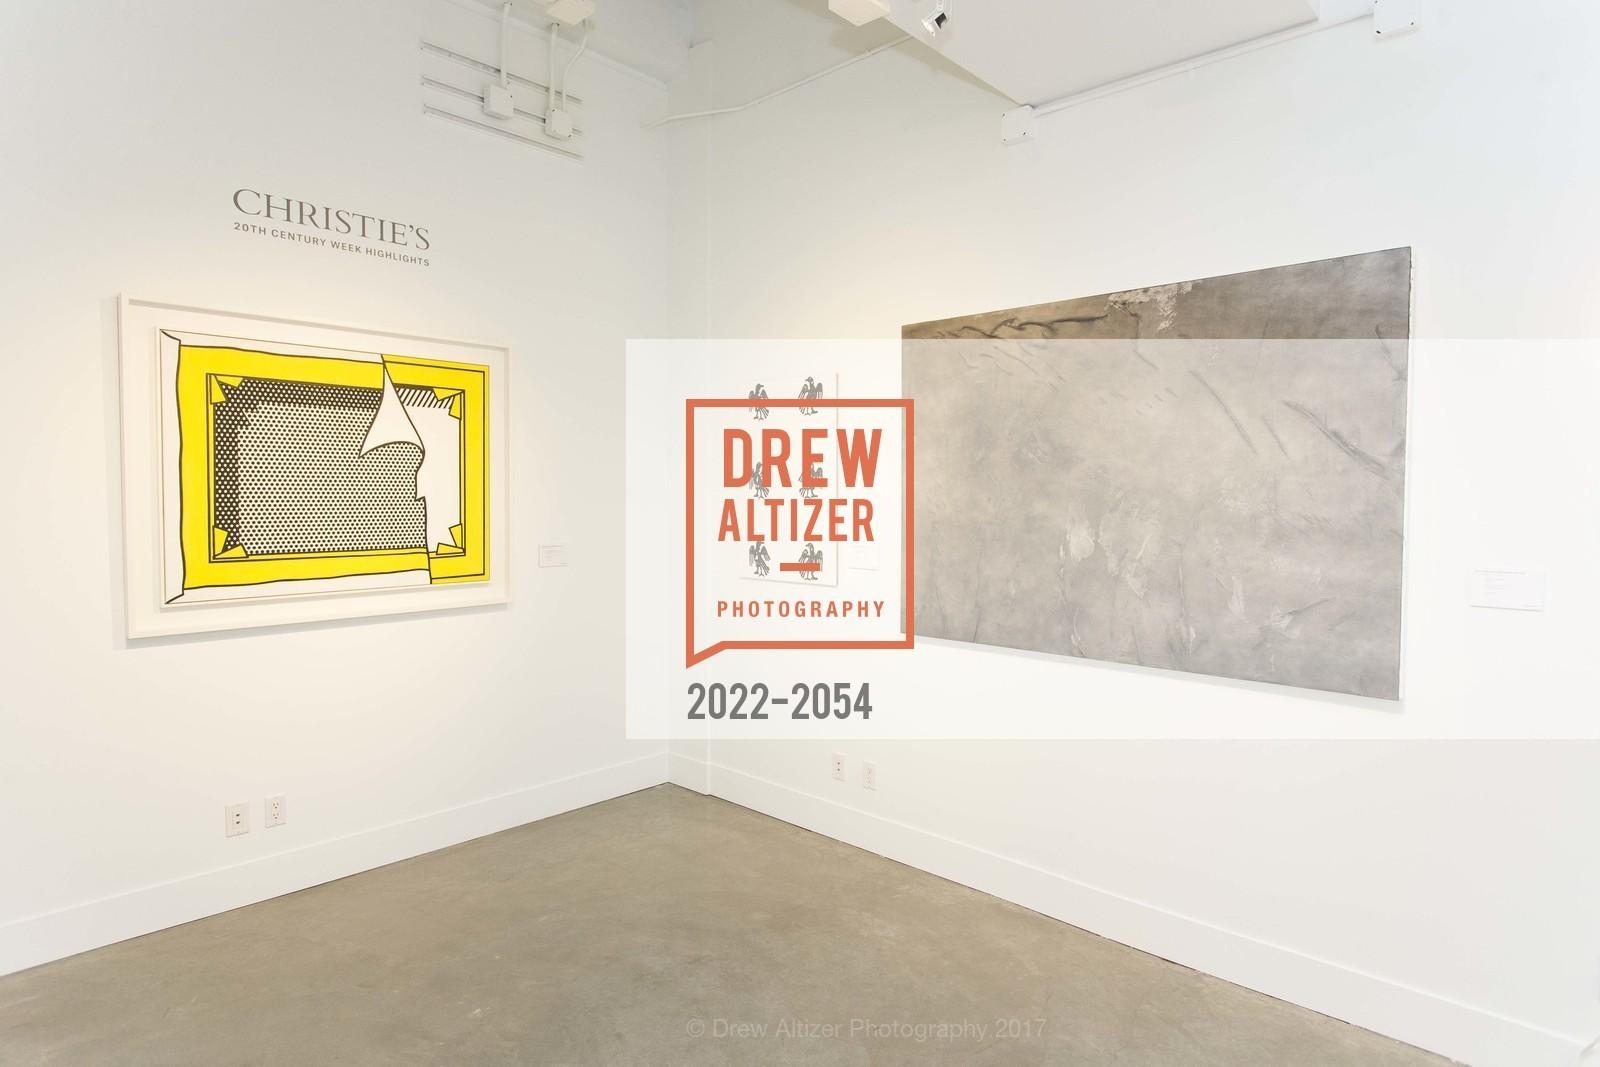 Atmosphere, Christie's Spring Tour 2017, Wendi Norris Gallery. Van 161 Jesse Street, April 20th, 2017